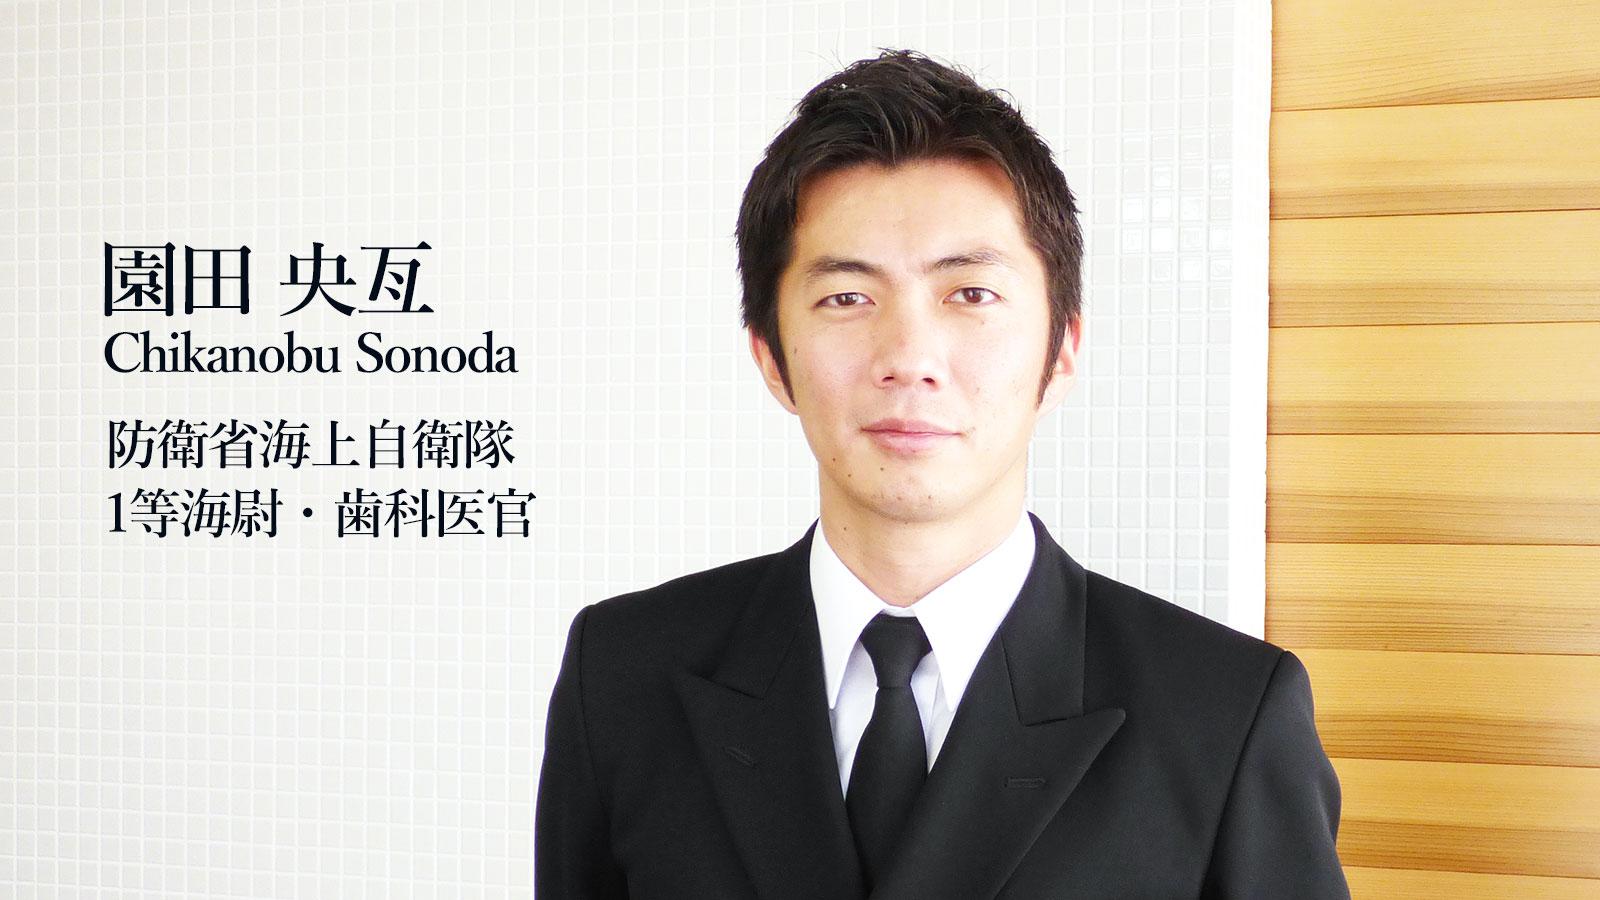 園田央亙先生『自衛隊歯科医官として国家に貢献する』